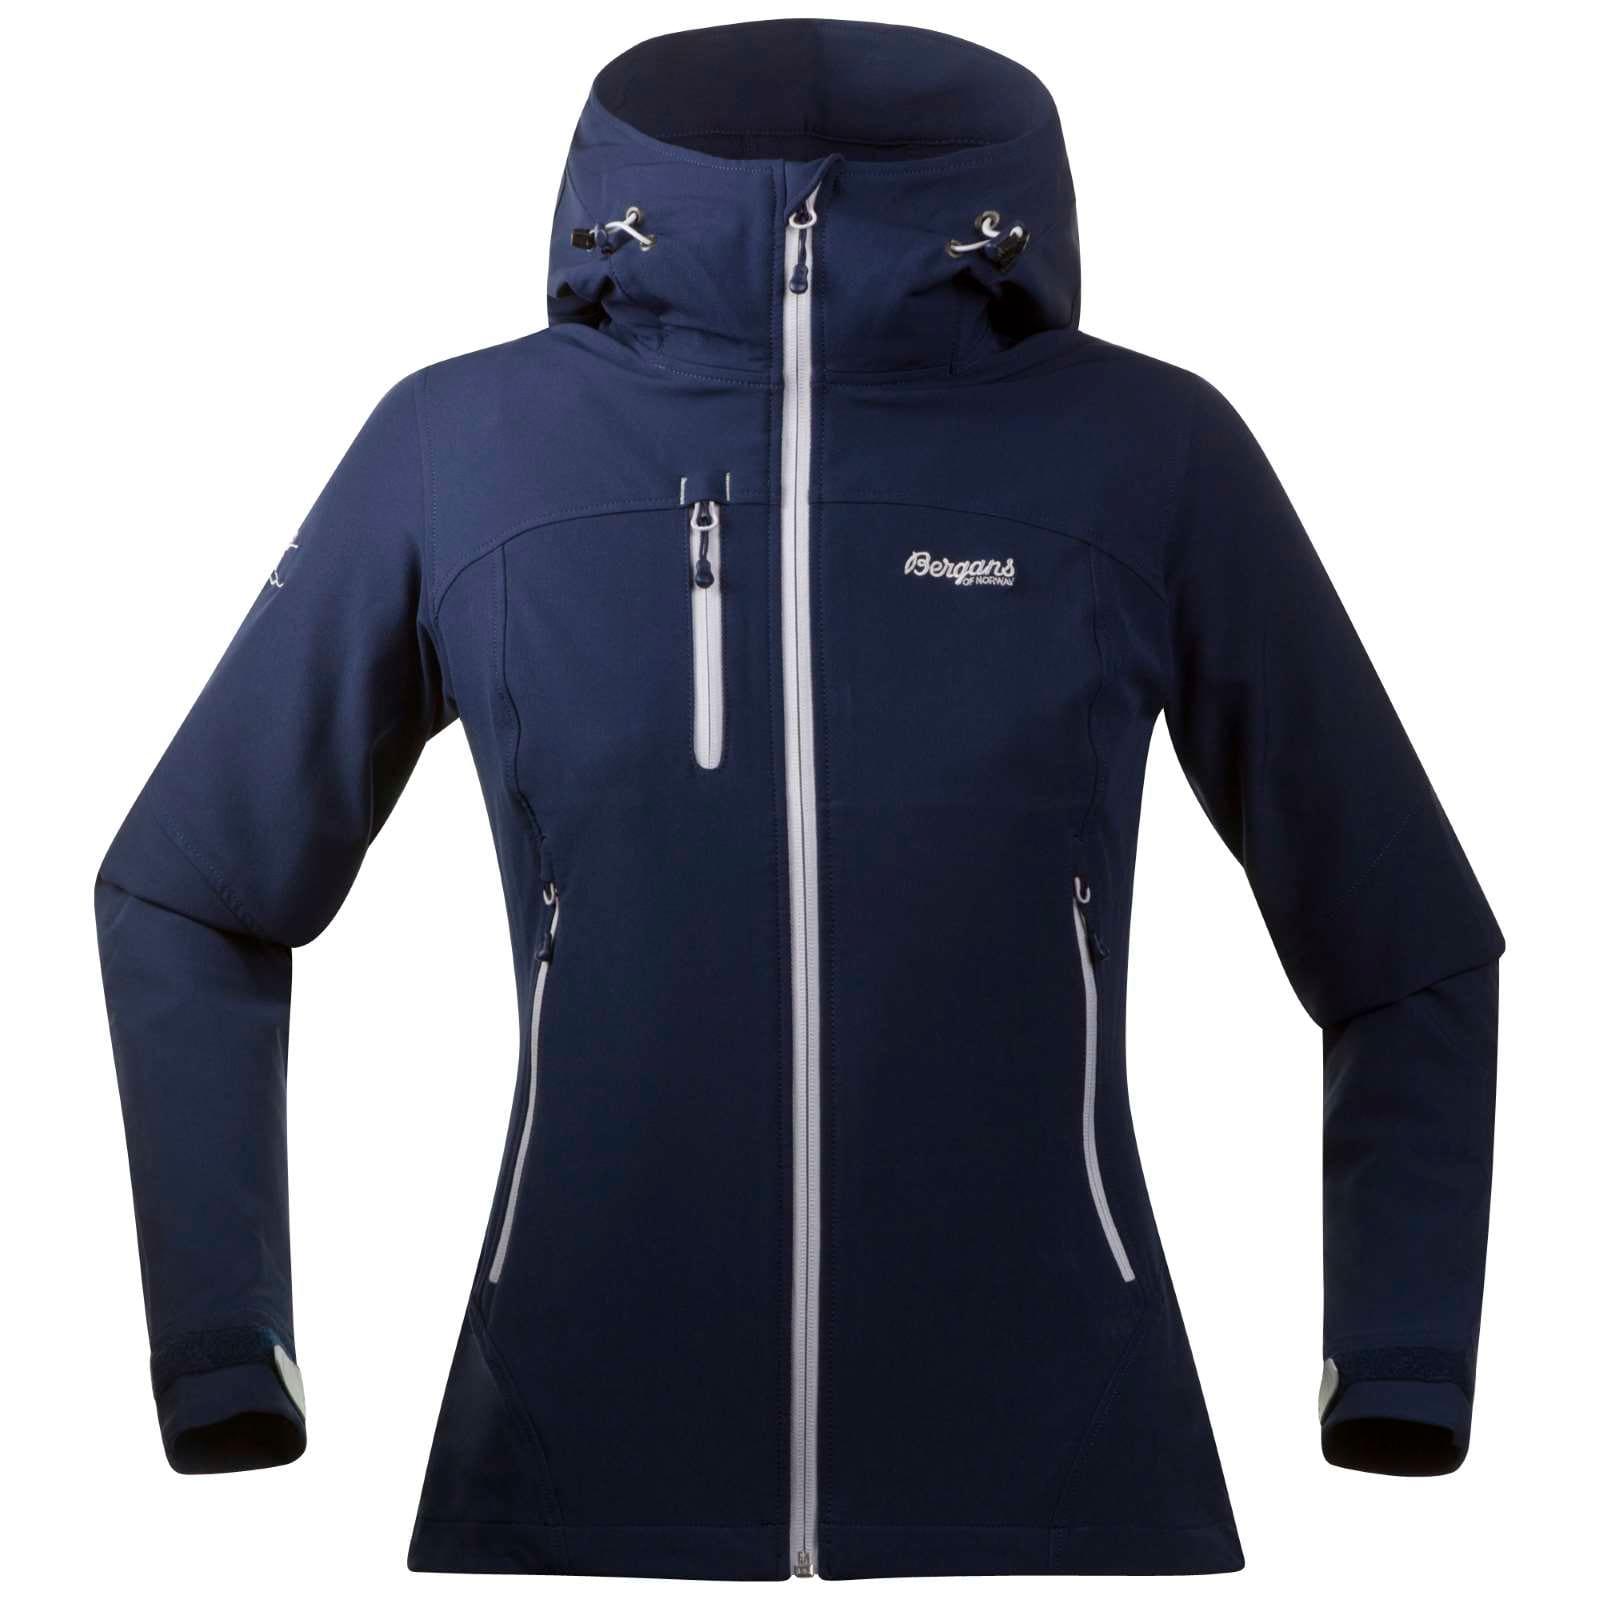 e260e654 Kjøp Bergans Kjerag Lady Jacket w/Hood fra Outnorth